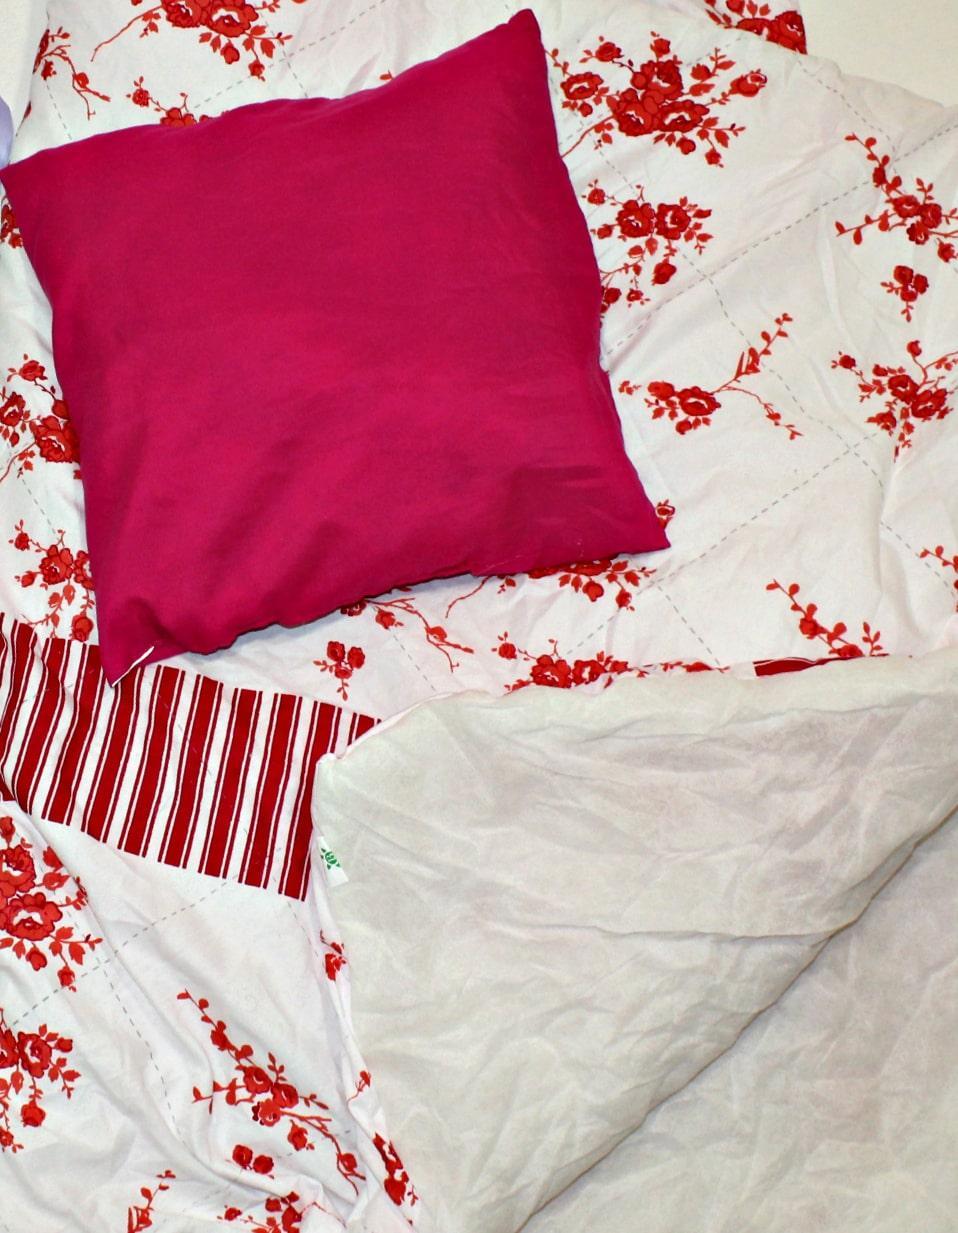 Секонд хенд Домашний обиход Экстра подушки одеяла пледы Польша Оптом от 25 кг